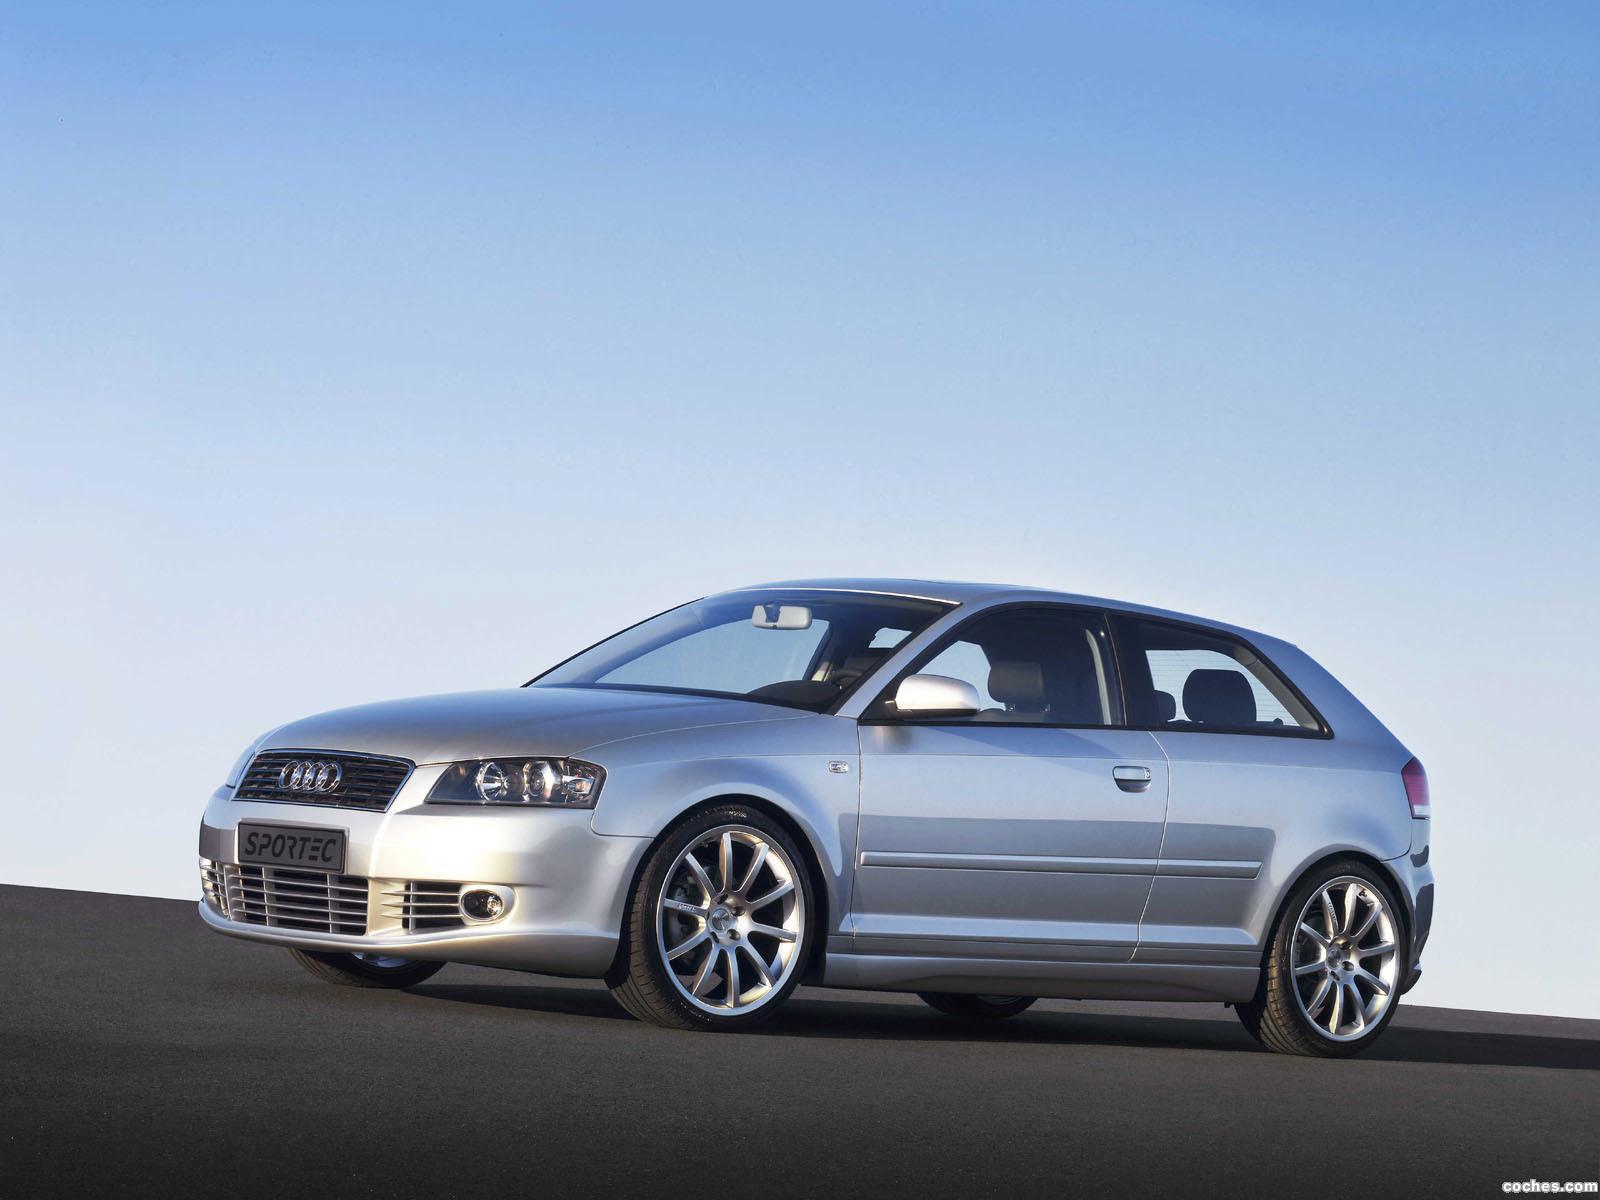 Foto 0 de Sportec Audi A3 8p 2010